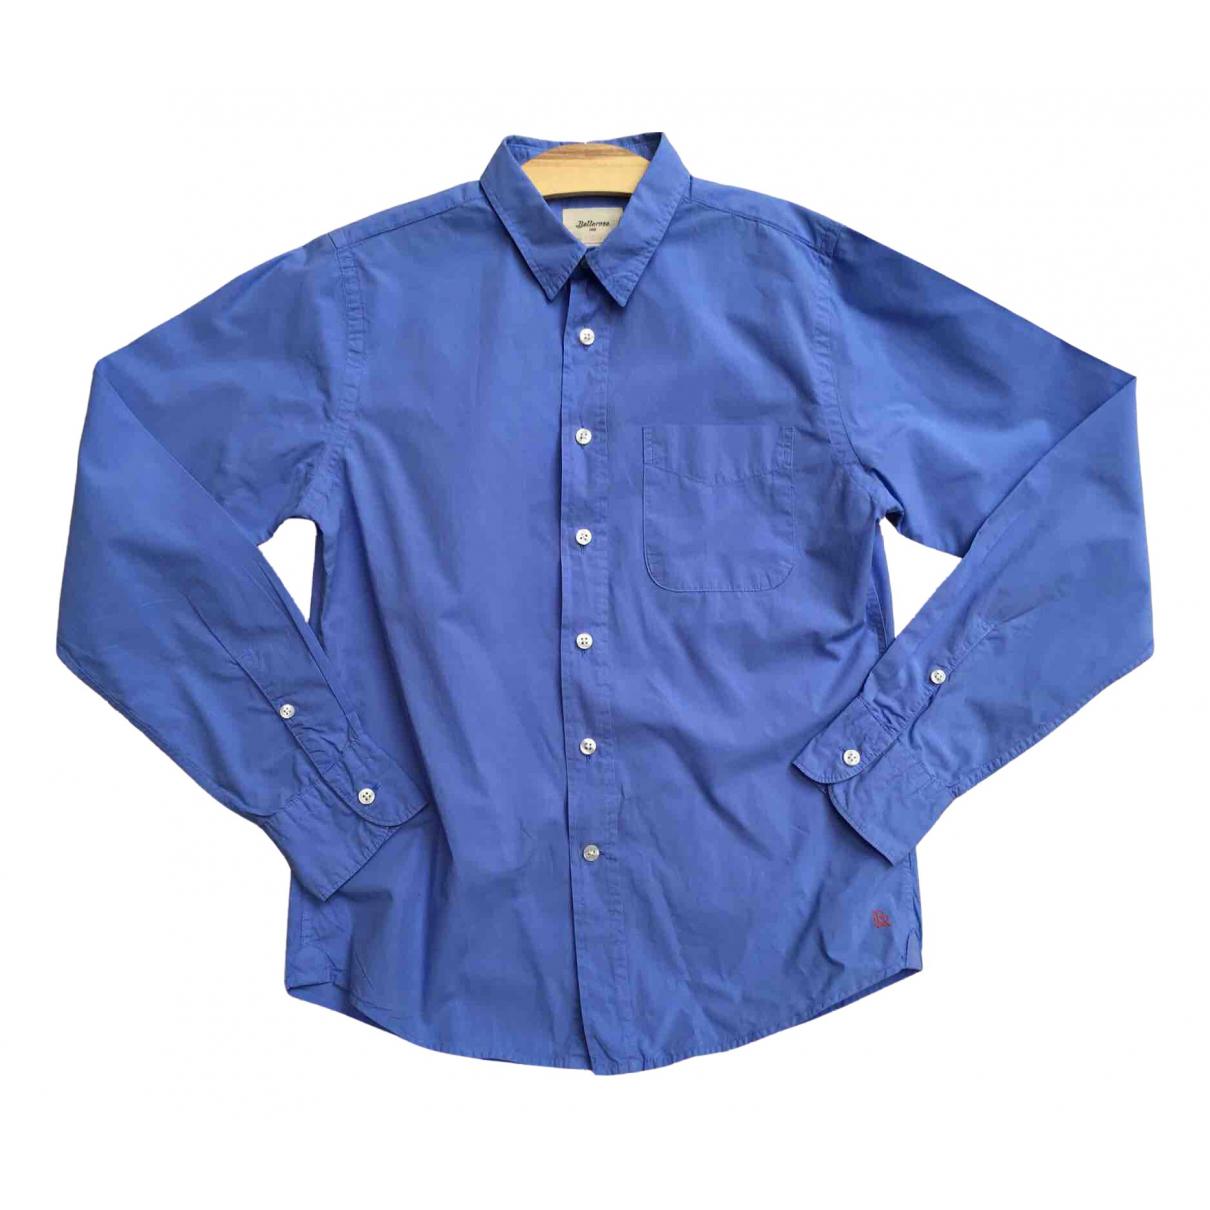 Bellerose \N Oberteile in  Blau Baumwolle